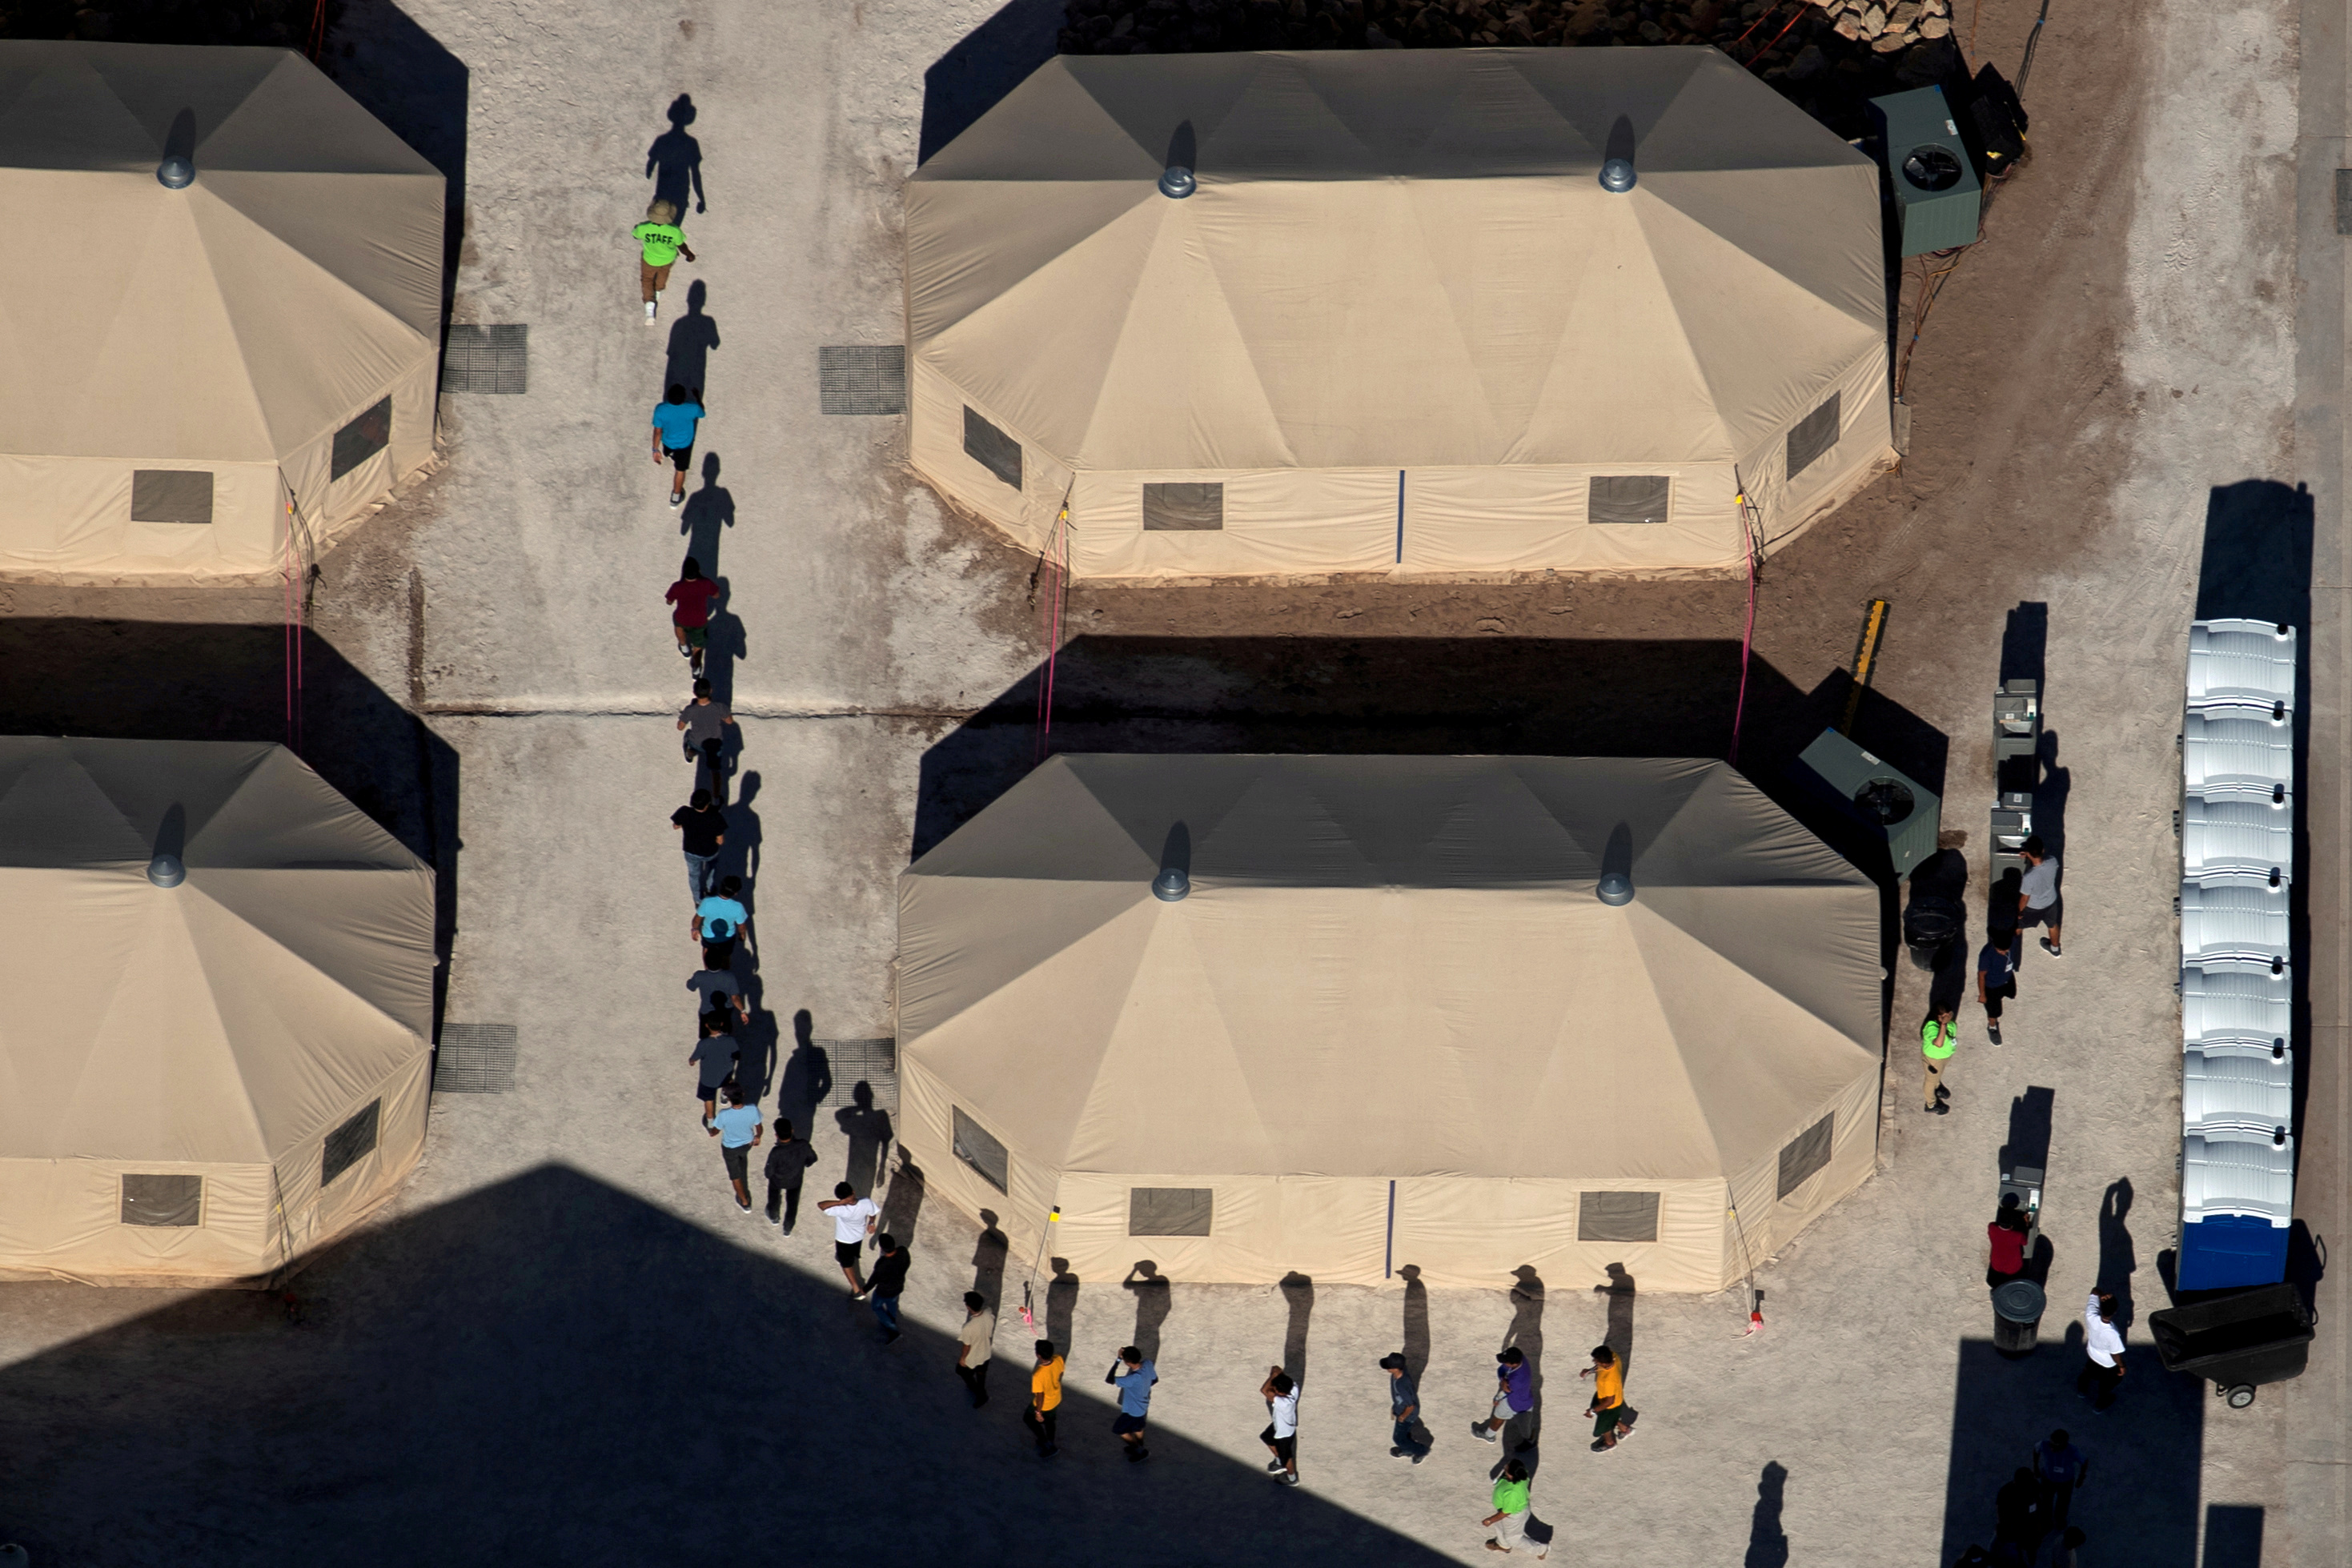 Niños inmigrantes son guiados en fila entre tiendas de campaña en un centro de detención cerca de la frontera con México en Tornillo, Texas, el 18 de junio de 2018 (REUTERS/Mike Blake)